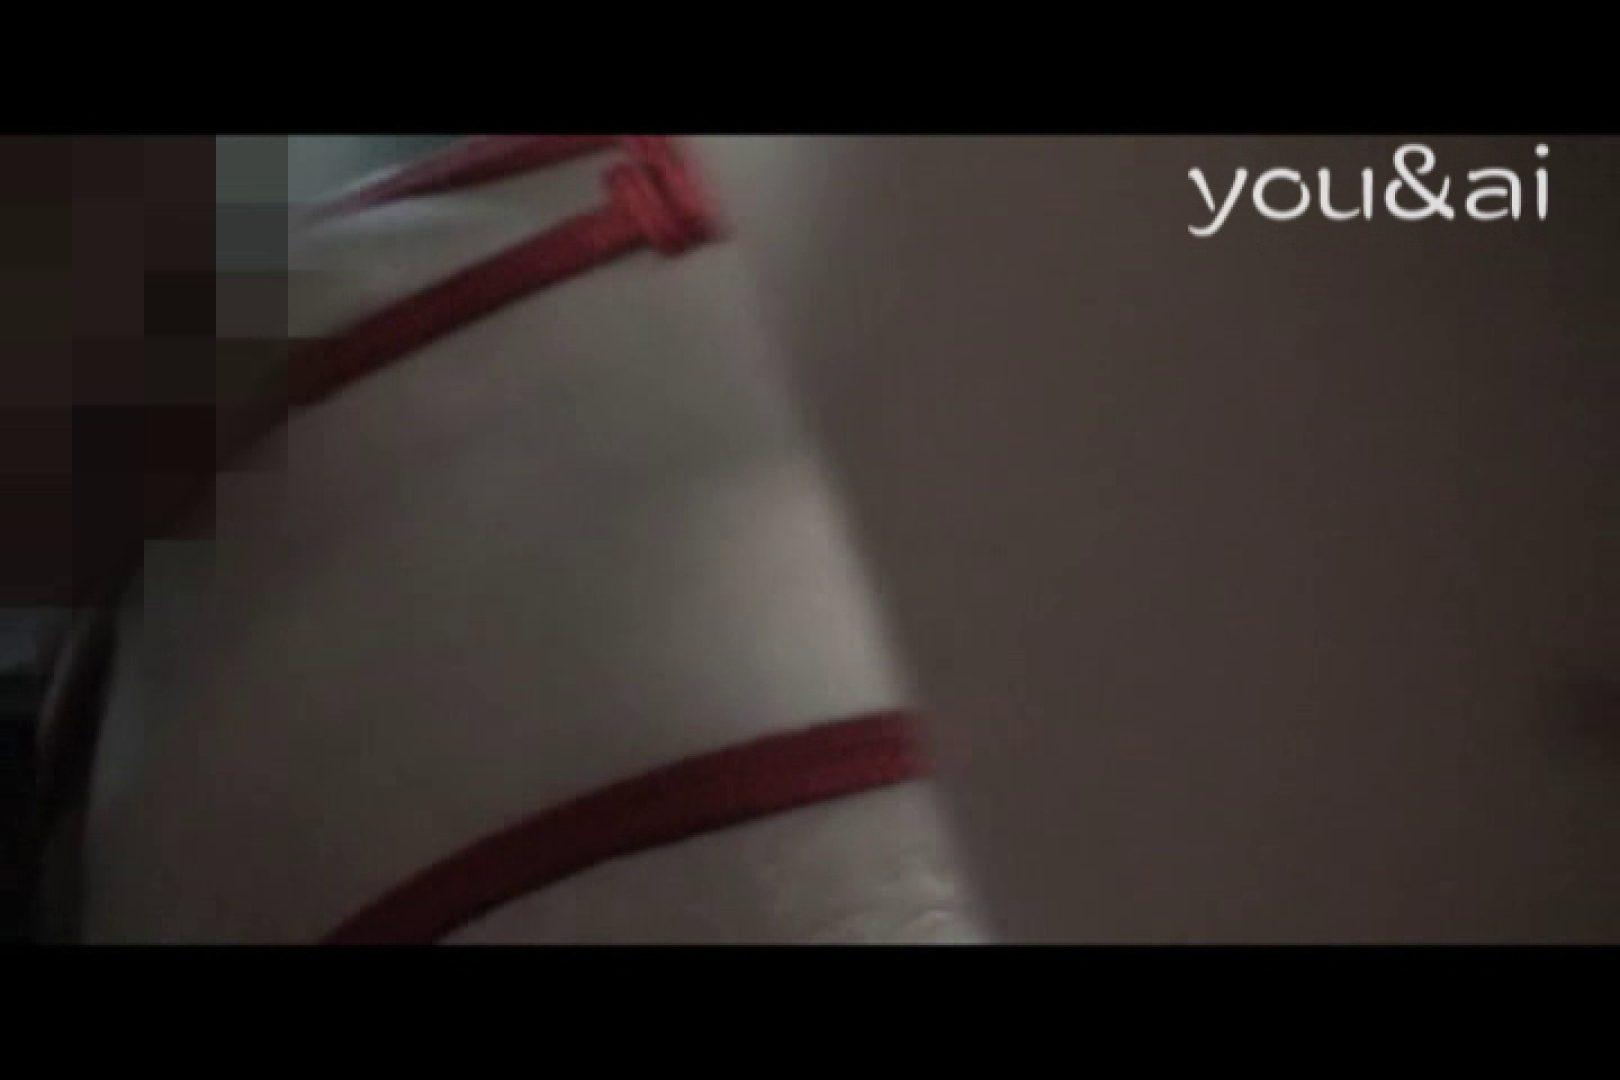 おしどり夫婦のyou&aiさん投稿作品vol.4 セックス映像 えろ無修正画像 71pic 21